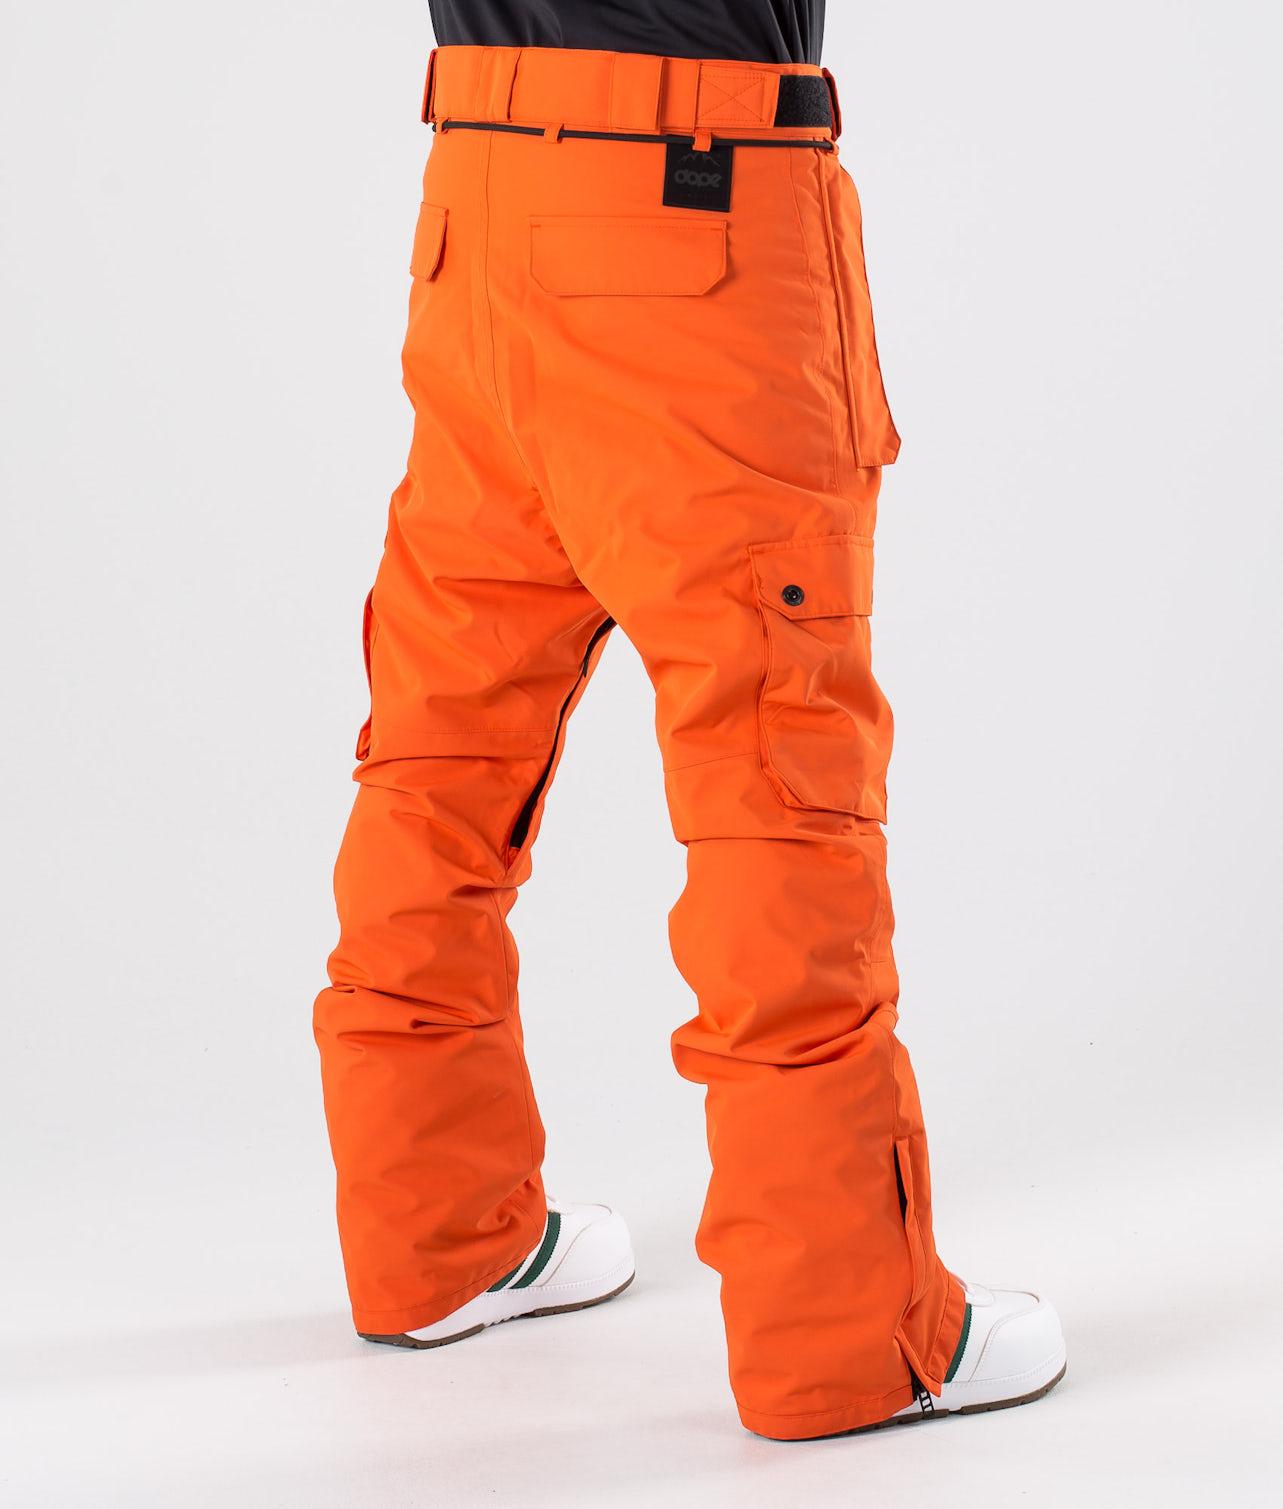 Kjøp Iconic Snowboardbukse fra Dope på Ridestore.no - Hos oss har du alltid fri frakt, fri retur og 30 dagers åpent kjøp!